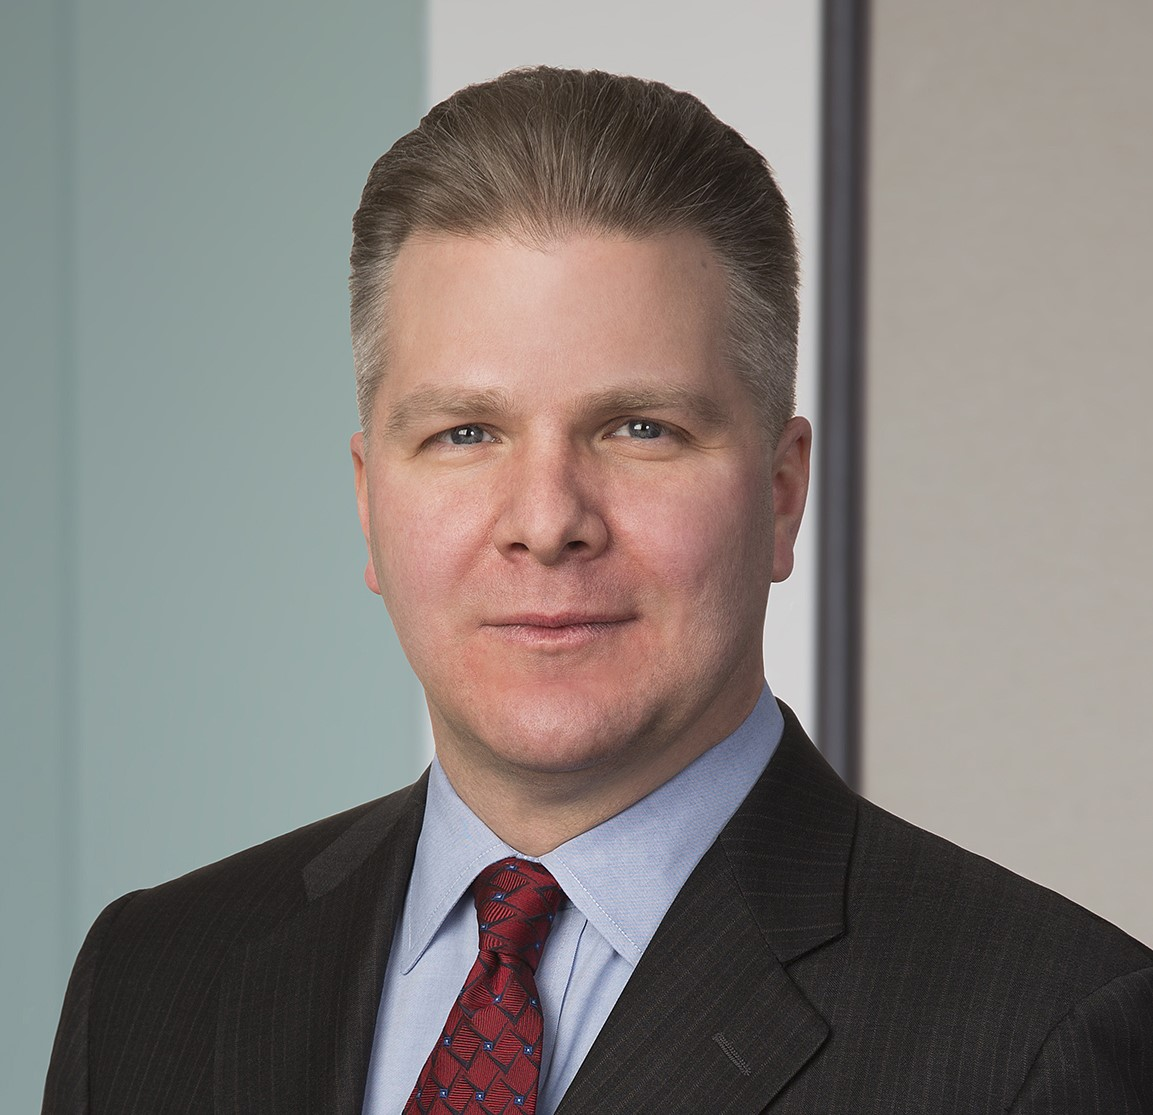 Jeffrey Liesemer - Caplin & Drysdale, Chartered